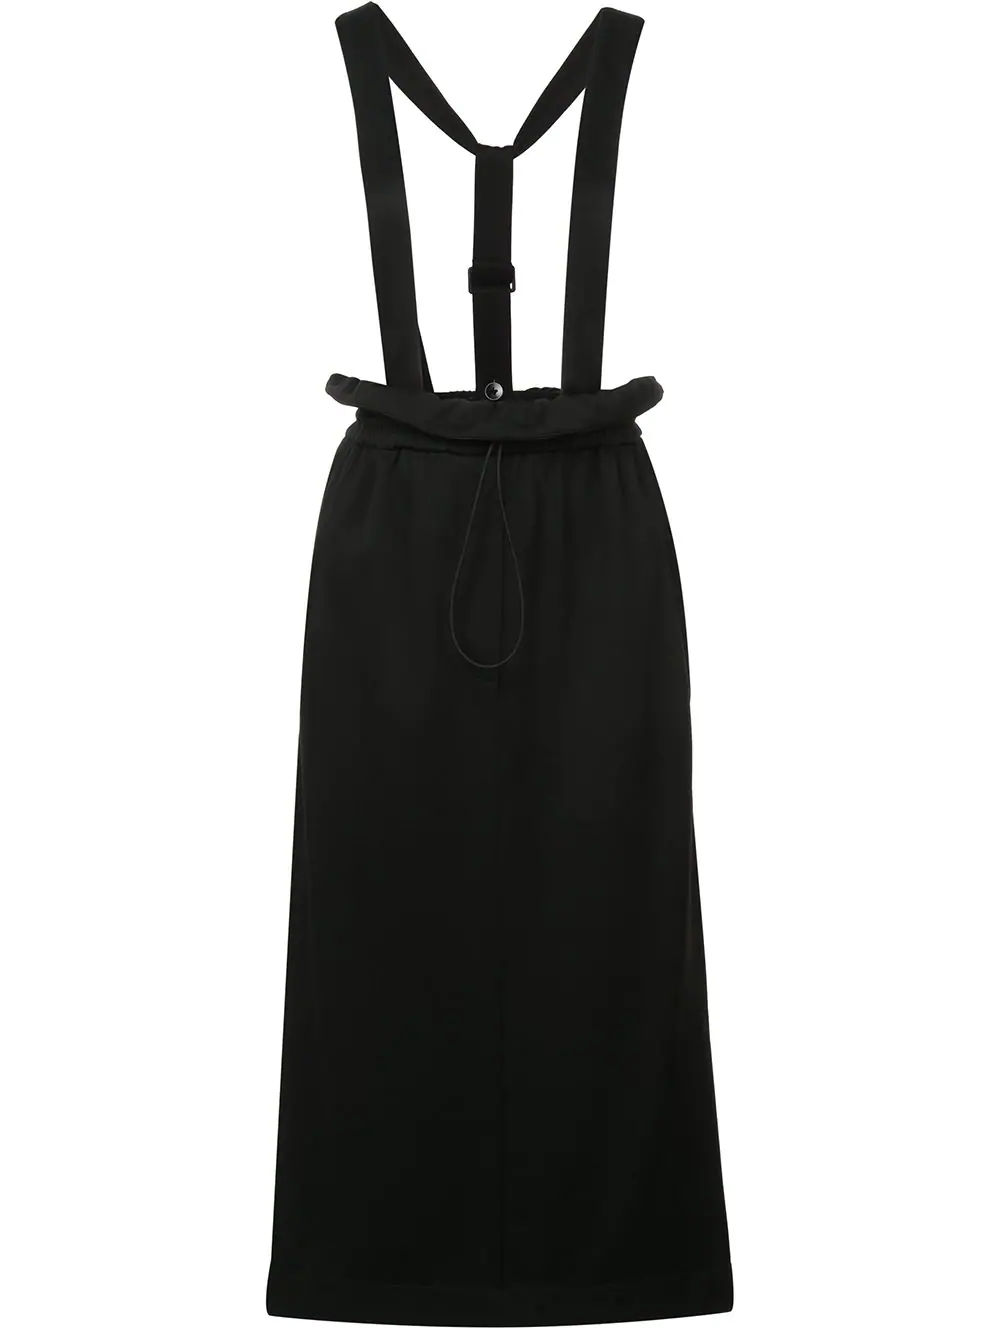 Tibi Astor Detachable Straps Skirt - Black